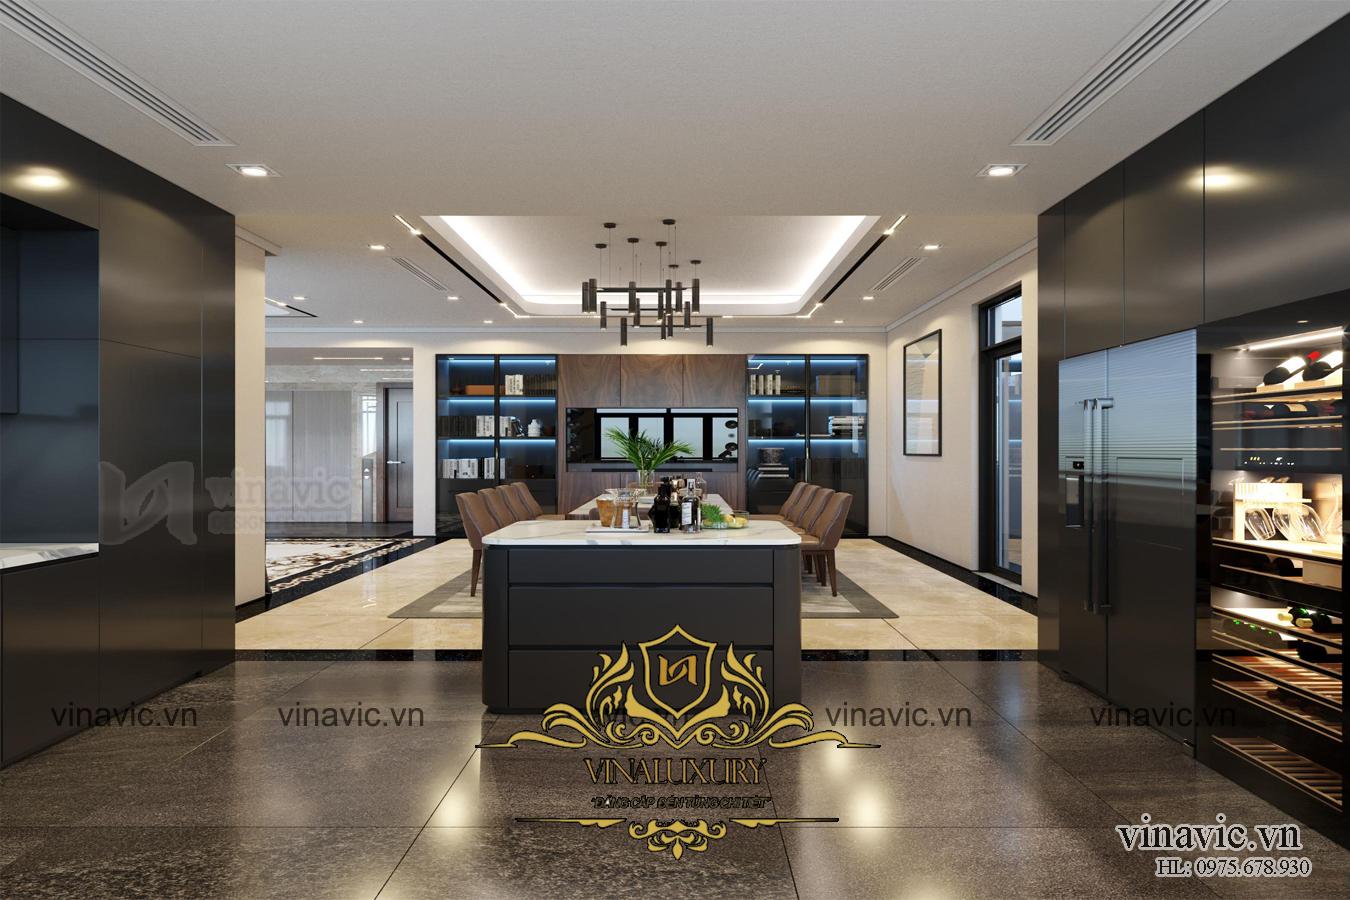 Thiết kế nội thất biệt thự phong cách hiện đại sang trọng ở Hạ Long NT2011